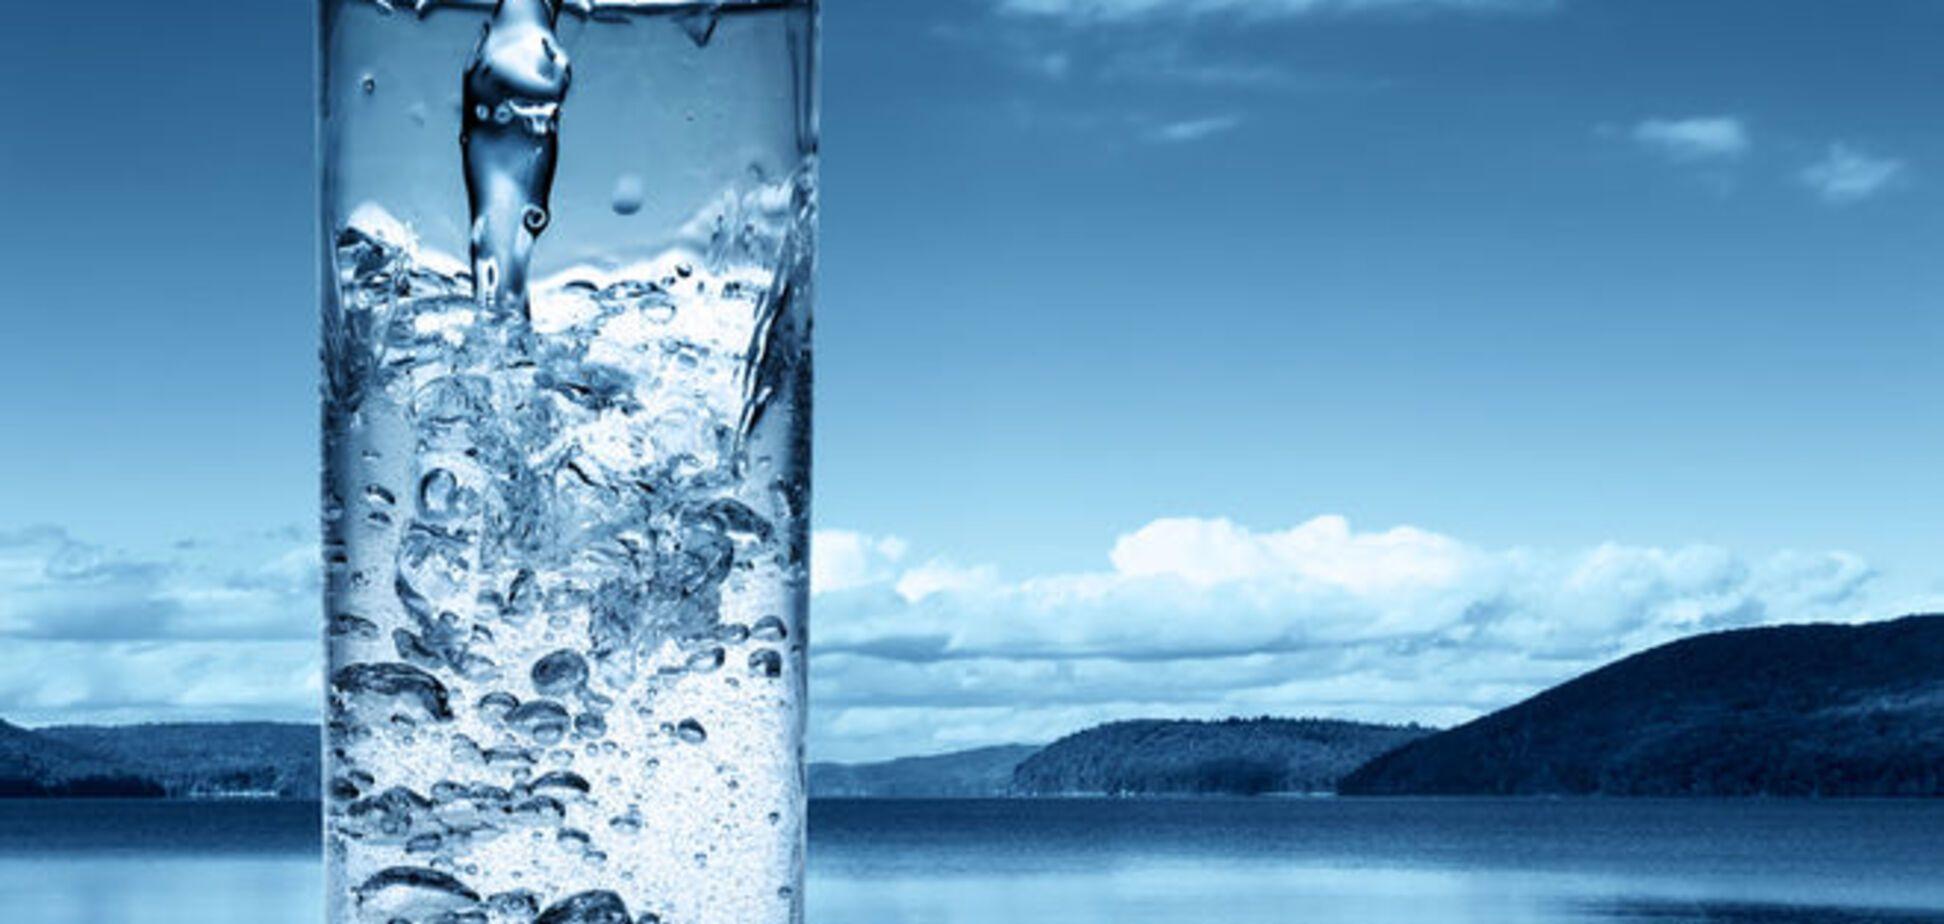 7 поразительных фактов о воде, о которых вы должны знать